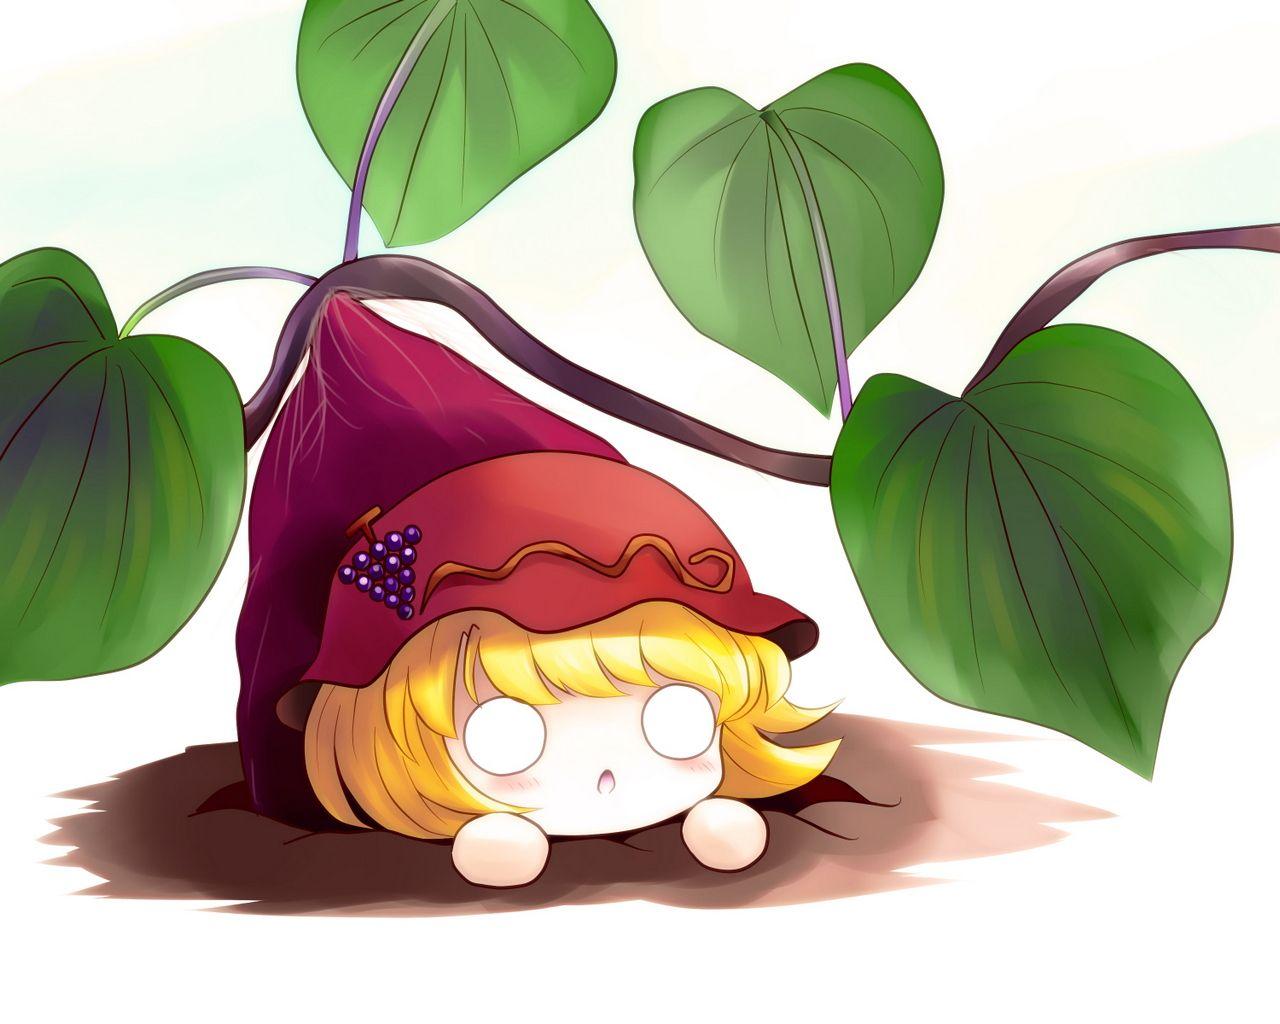 Chibi Food | aki-minoriko-blonde-hair-chibi-food-short-hair-touhou-yume-shokunin-DS ...